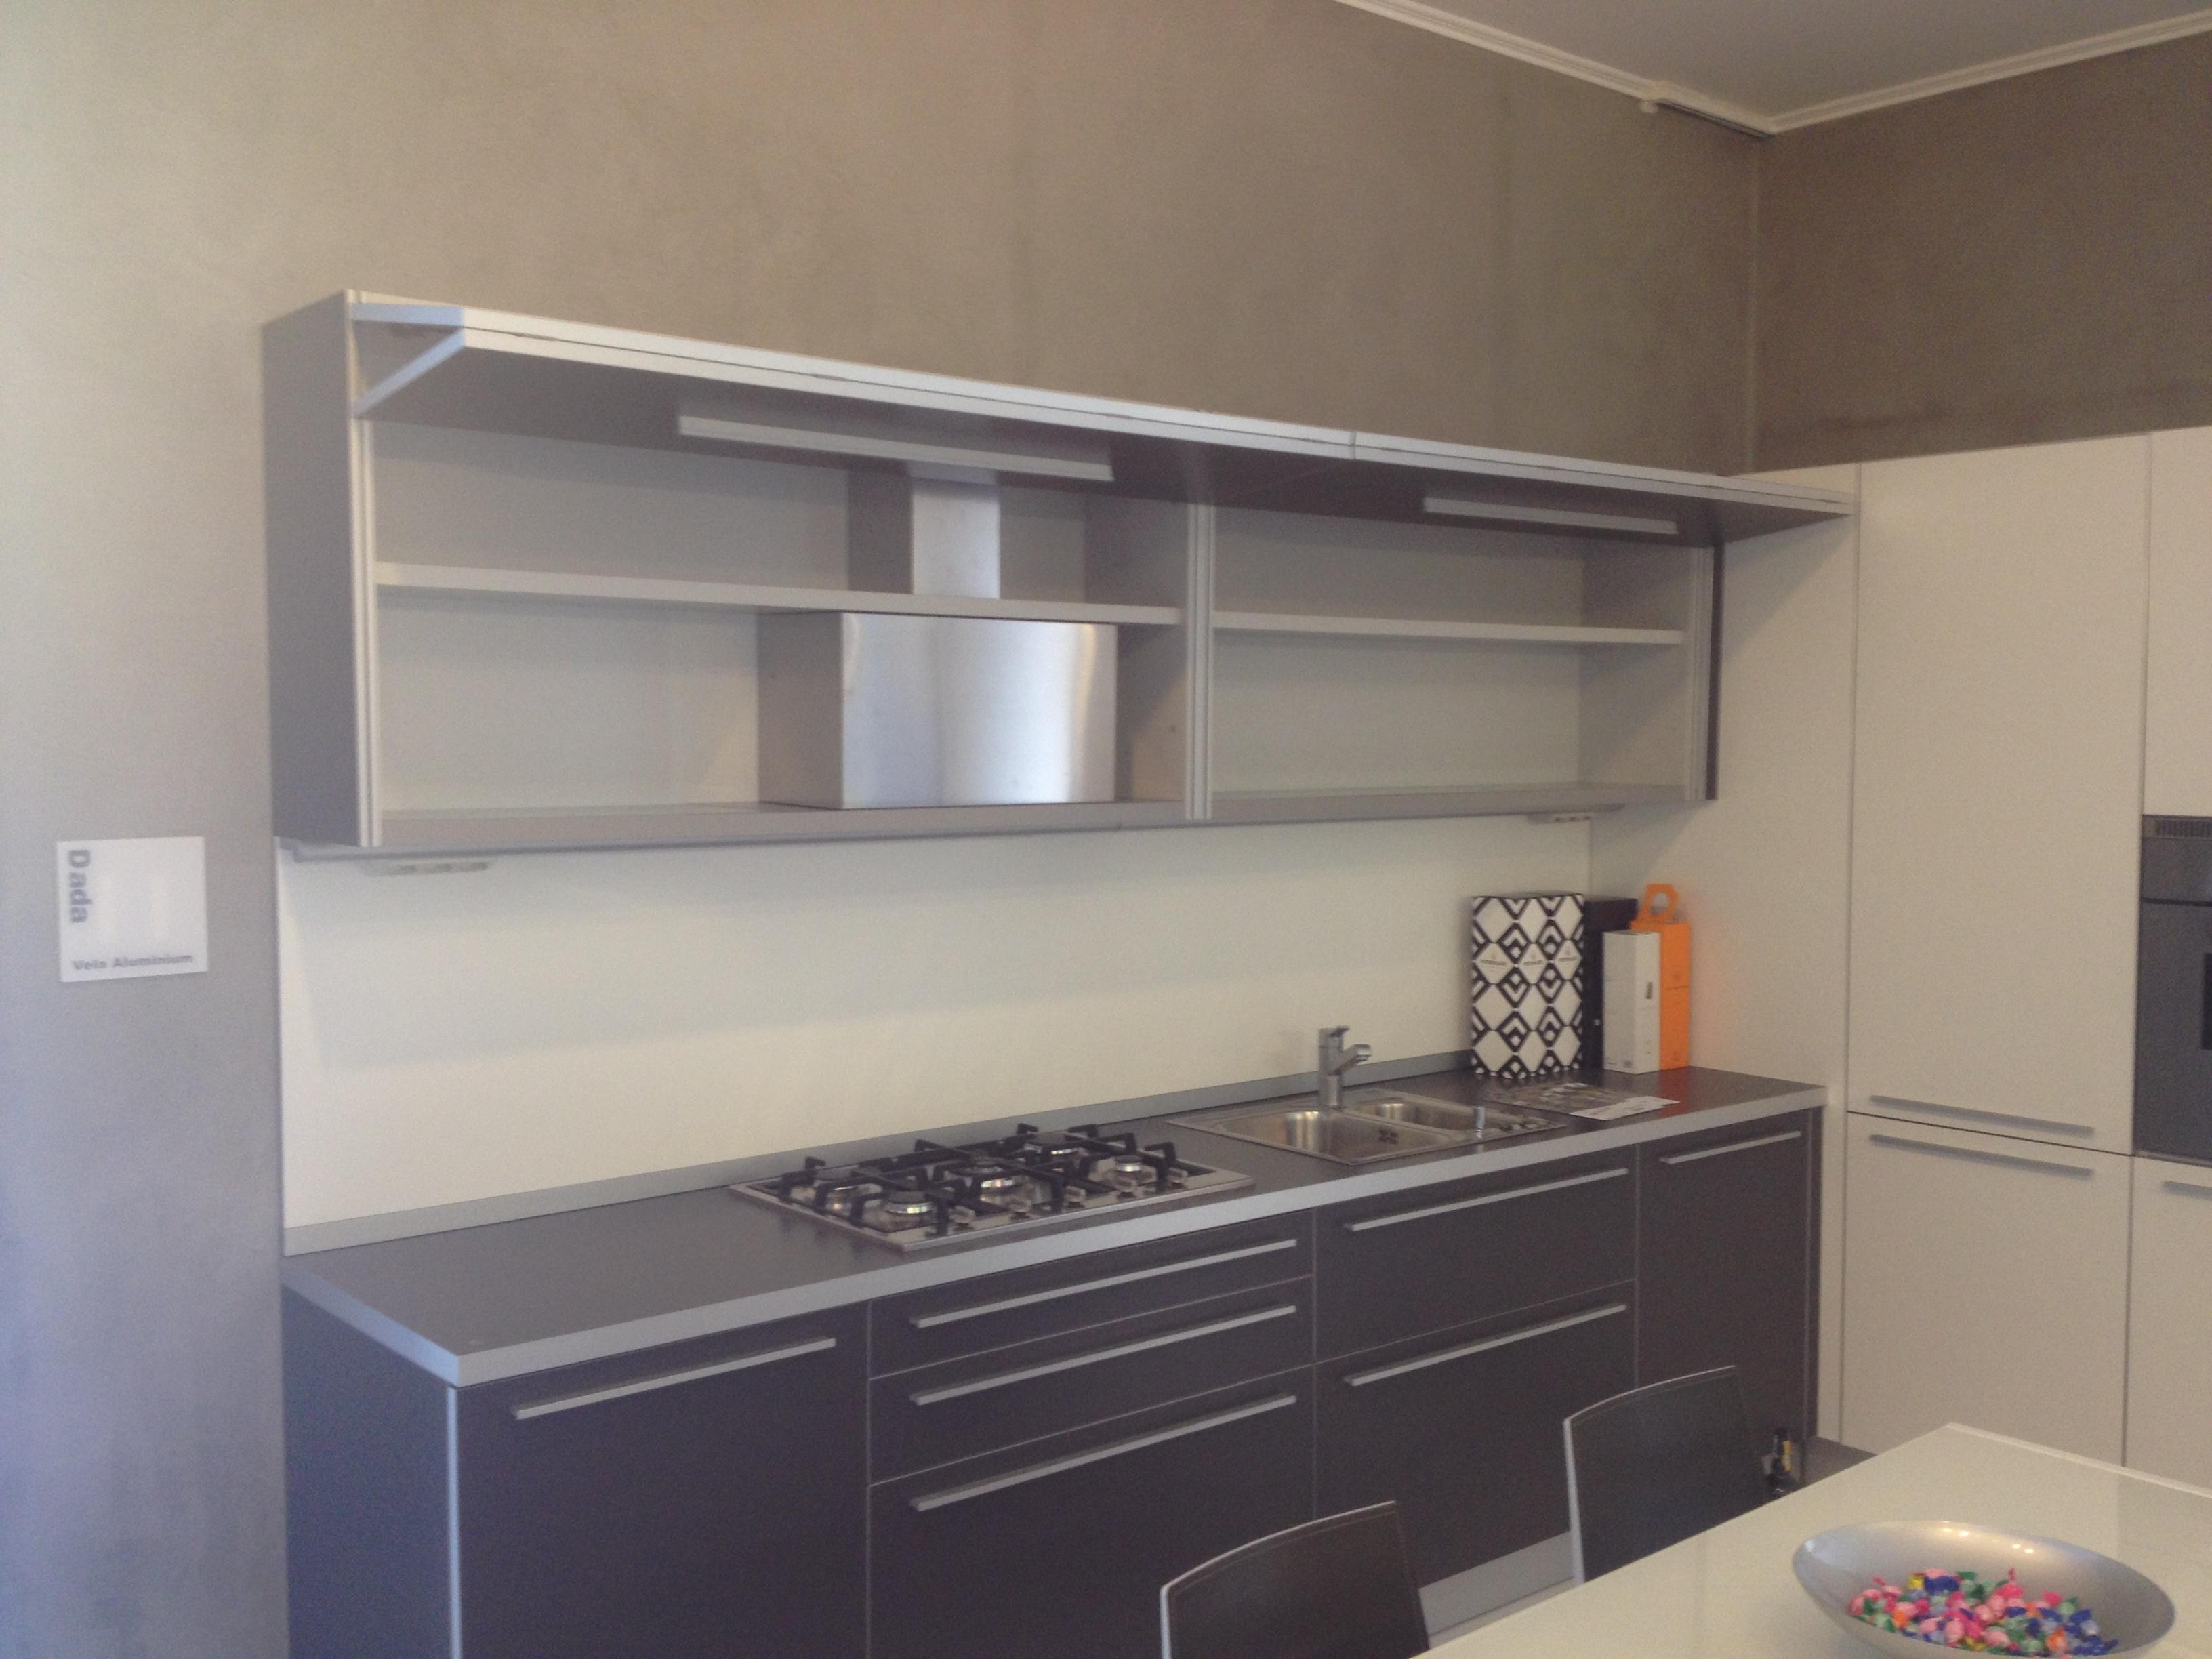 Cucina Bianca Piano Legno: Cucina snaidero ola 20 laccato opaco ...